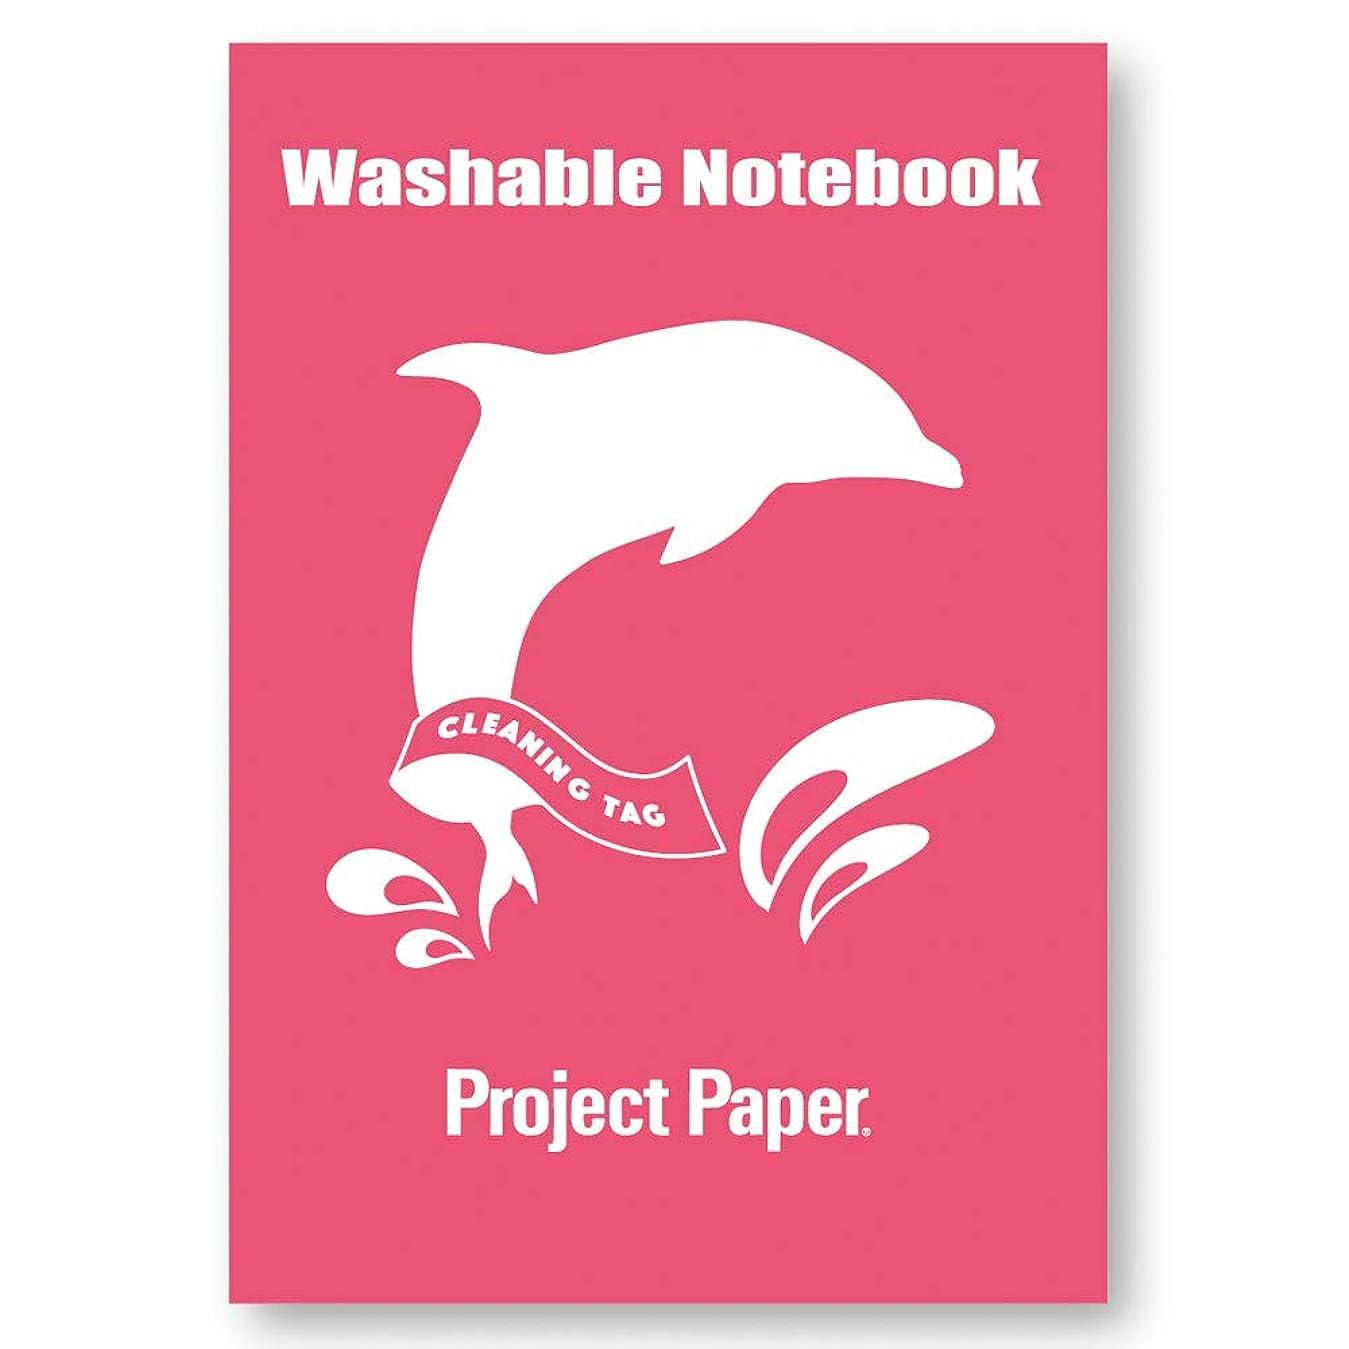 オキナ プロジェクト 耐洗紙ノート PW3318 イルカ 1包(5冊)